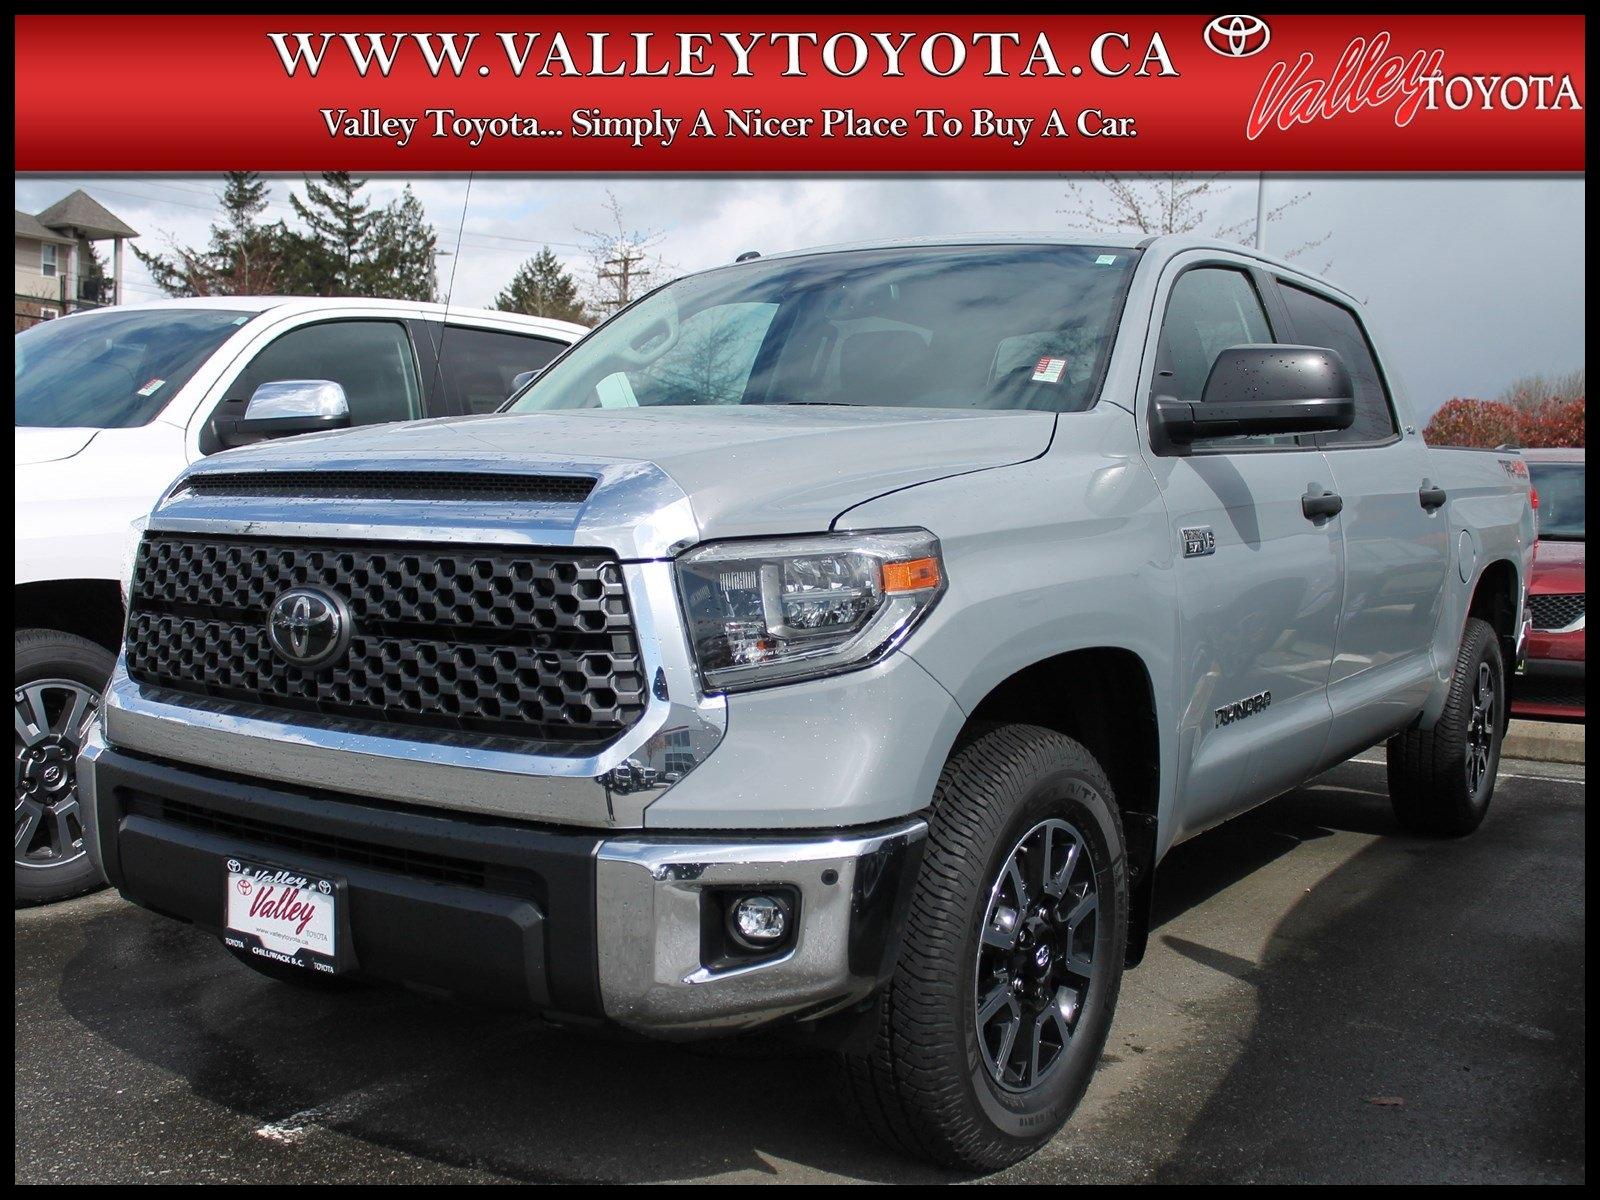 New 2018 Toyota Tundra TRD f Road